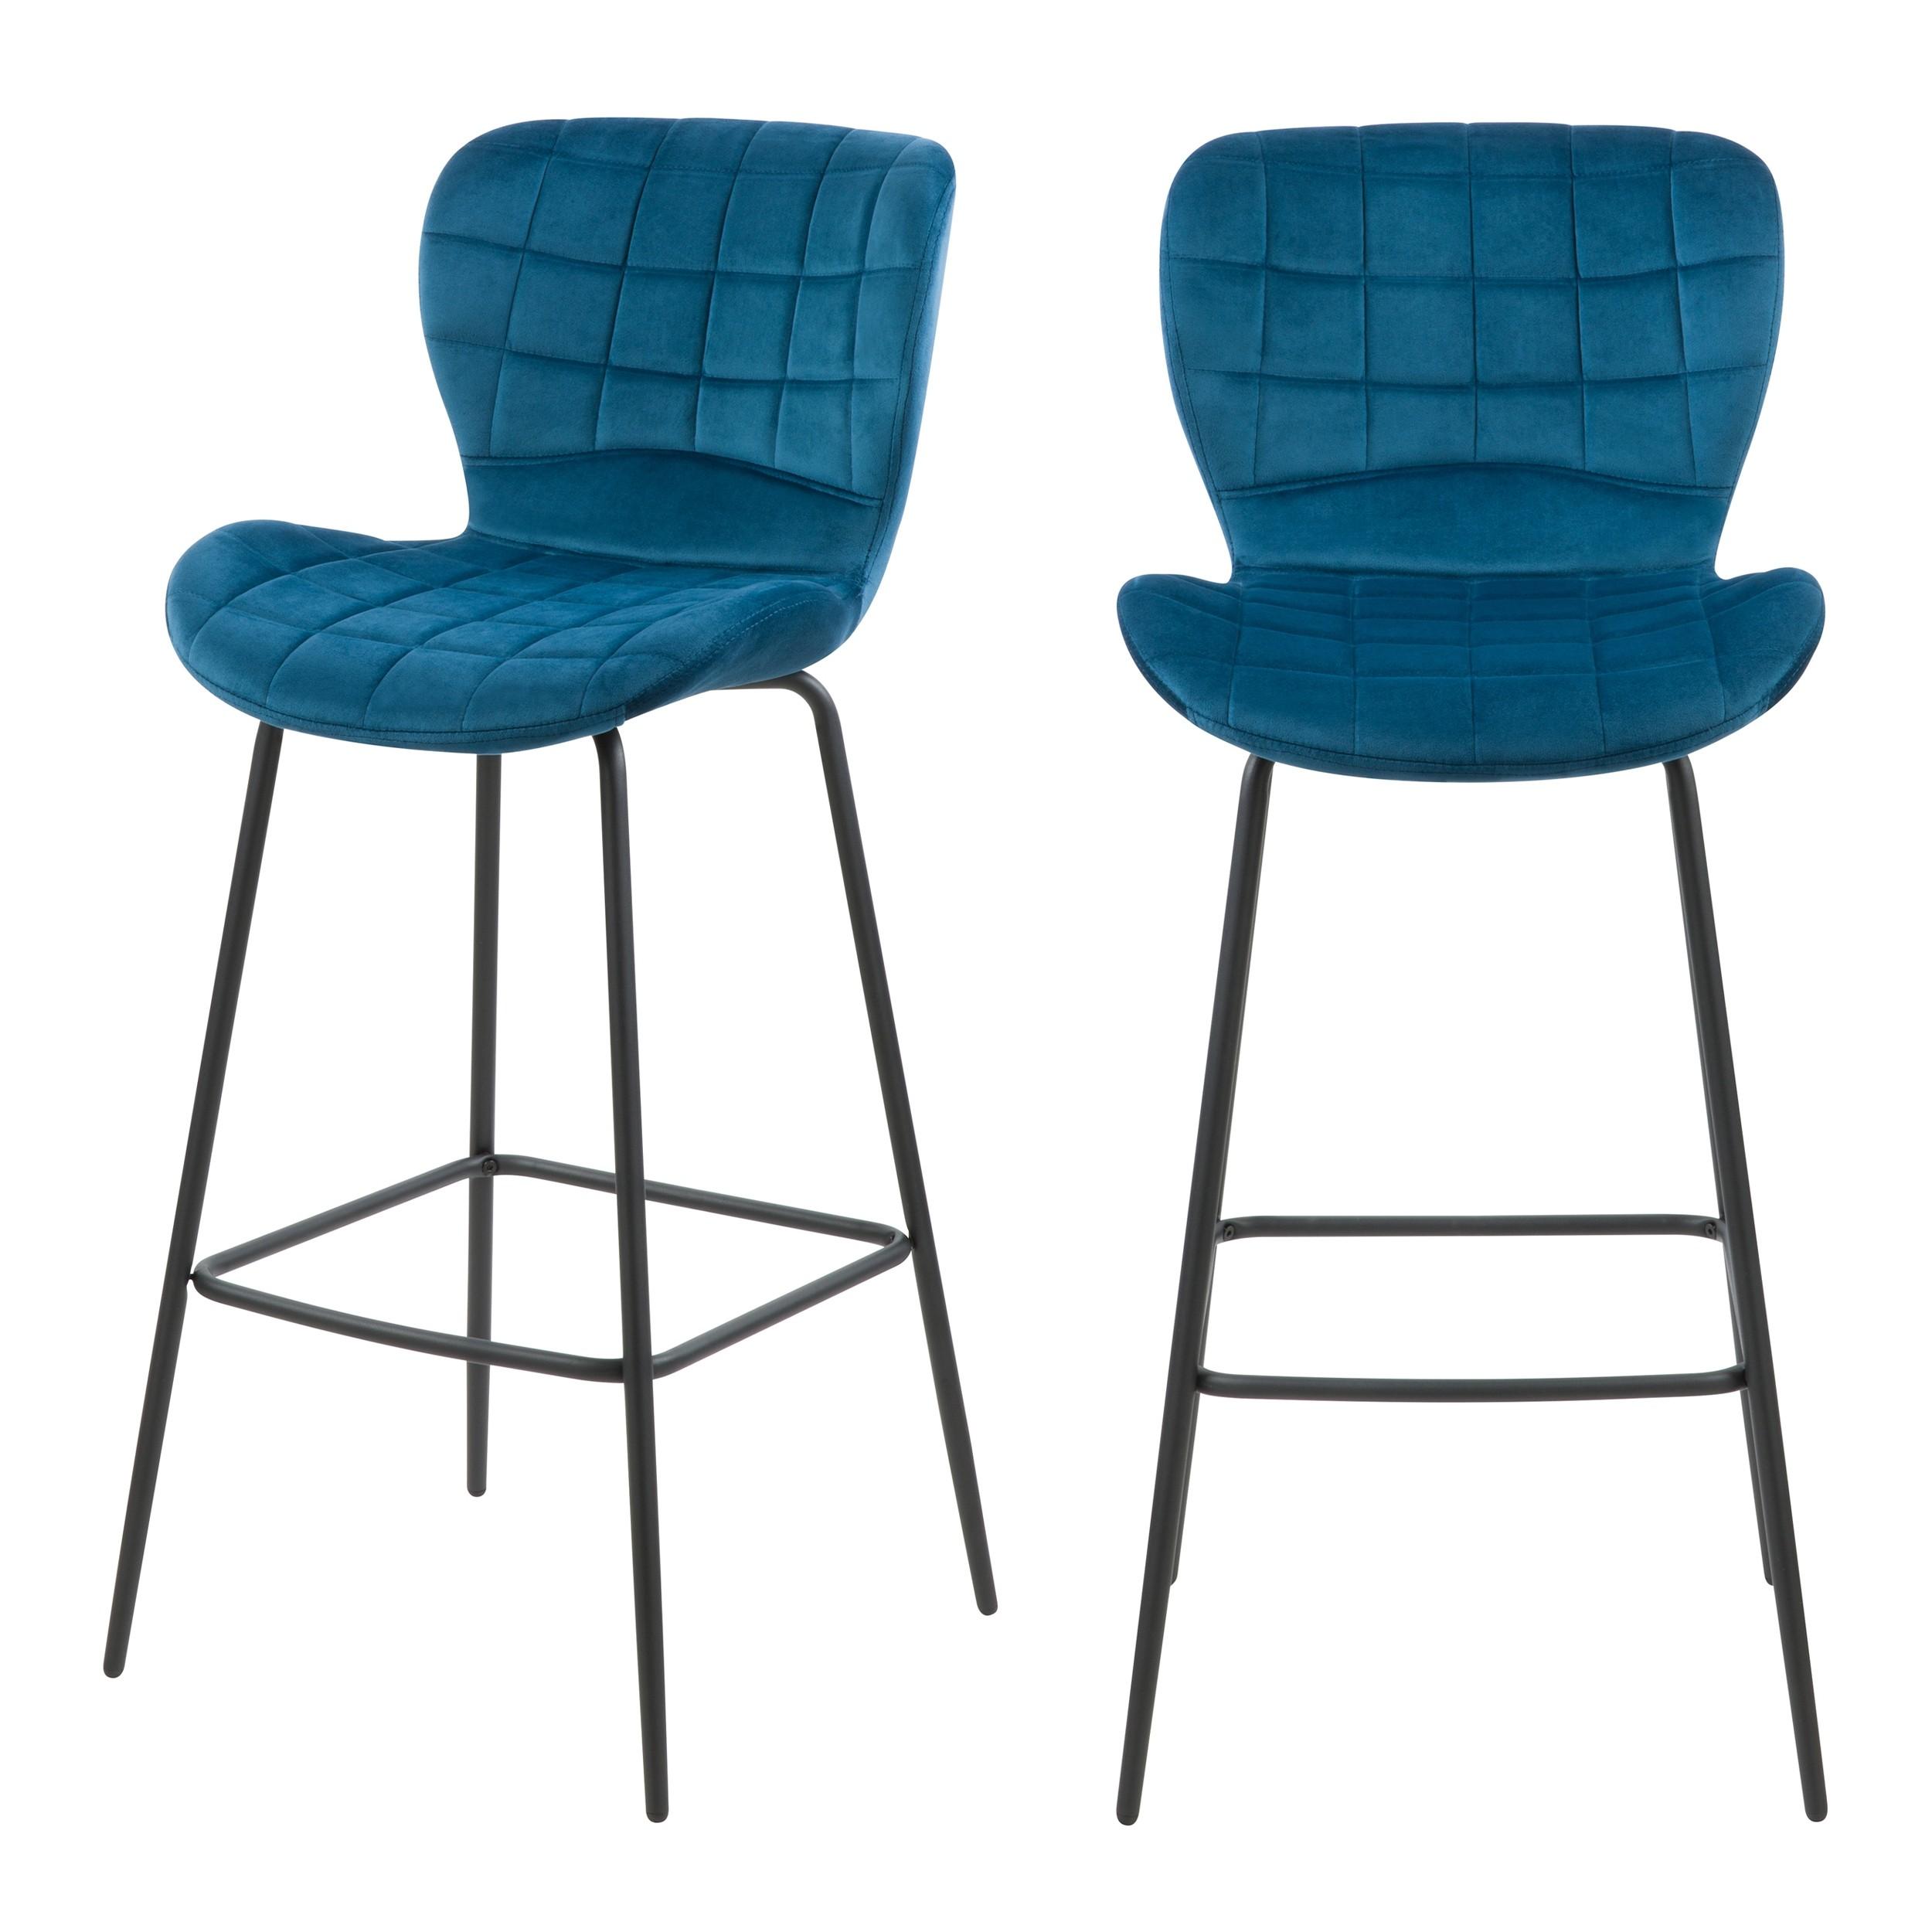 acheter chaise de bar en velours bleu lot de 2